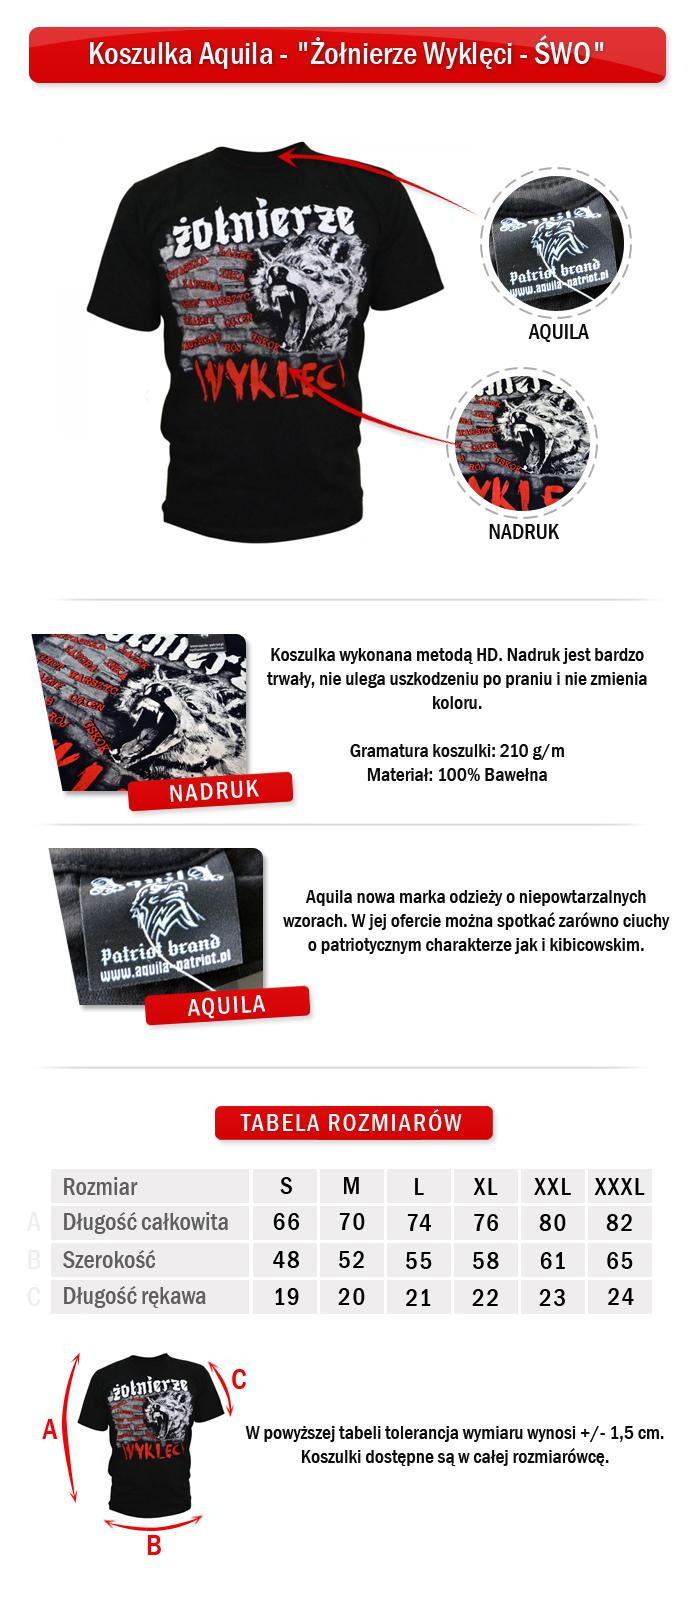 Koszulka Aquila - Żołnierze Wyklęci - ŚWO - 8